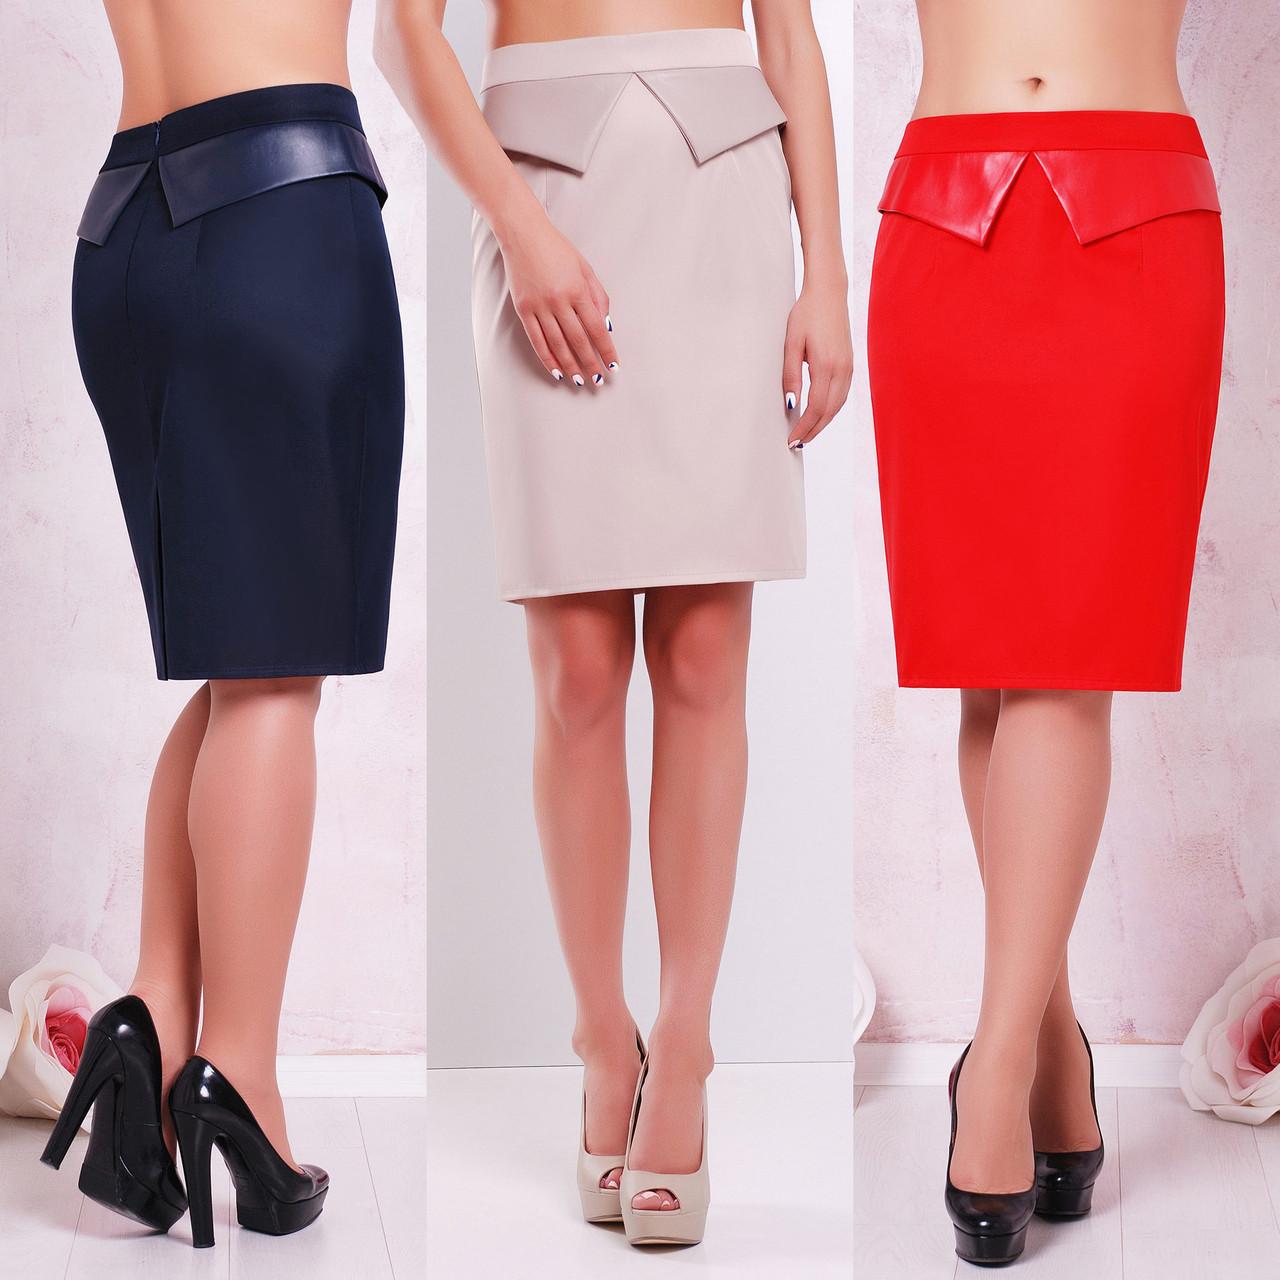 d1f09fef97c Купить Облегающая юбка с отлетной баской из экокожи по лучшей цене в ...